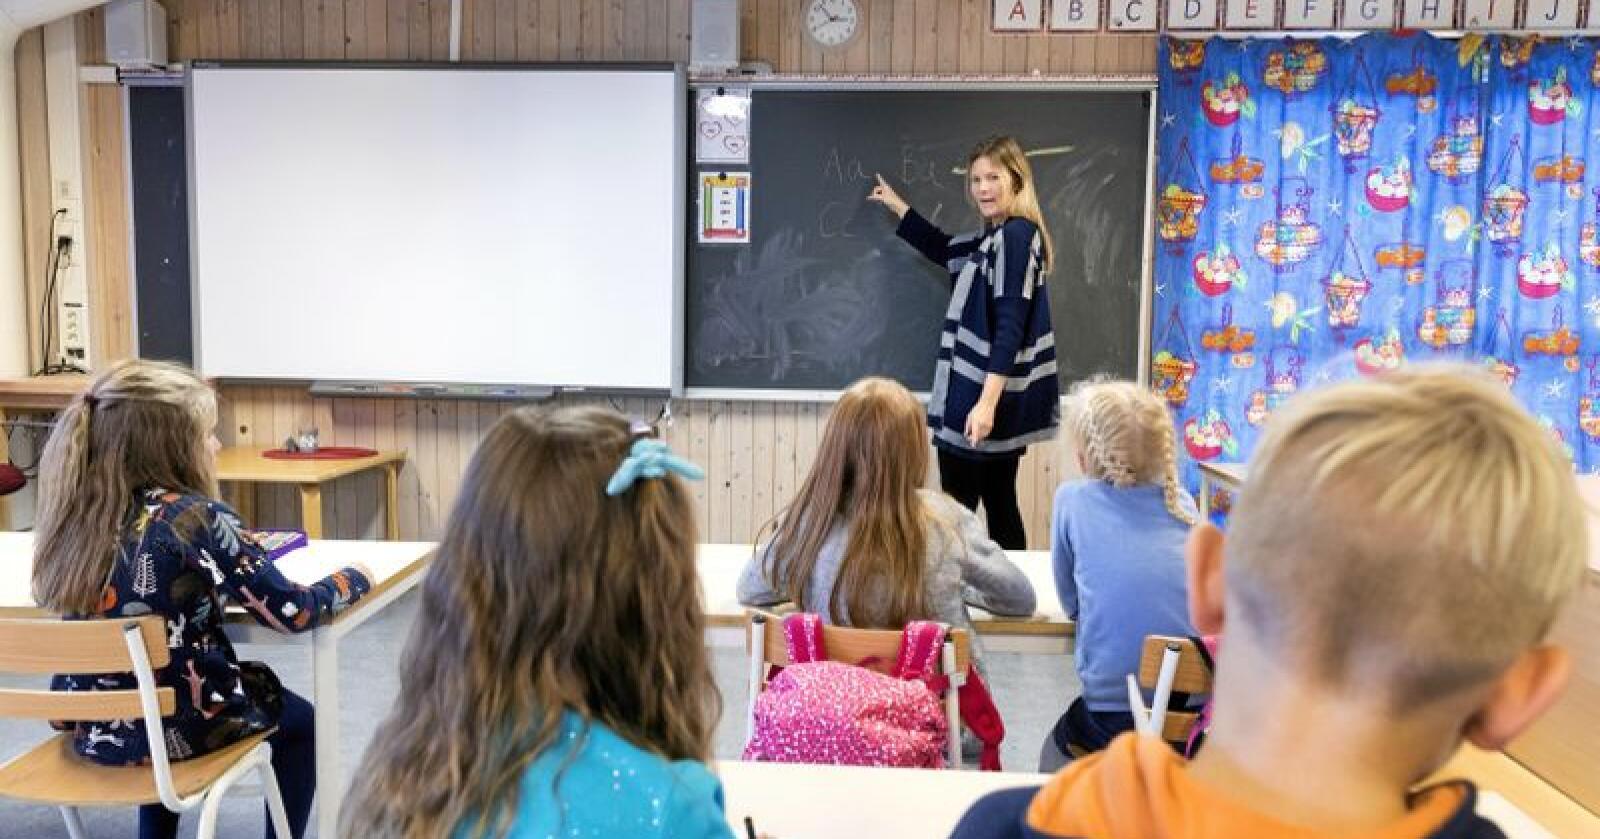 Noregs Mållag meiner skulen har eit spesielt ansvar for å gje elevar som har nynorsk som hovudmål ein språkleg tryggleik, og at ein ny læreplan i norsk må ta høgd for dette. Illustrasjonsfoto: Gorm Kallestad / NTB scanpix / NPK